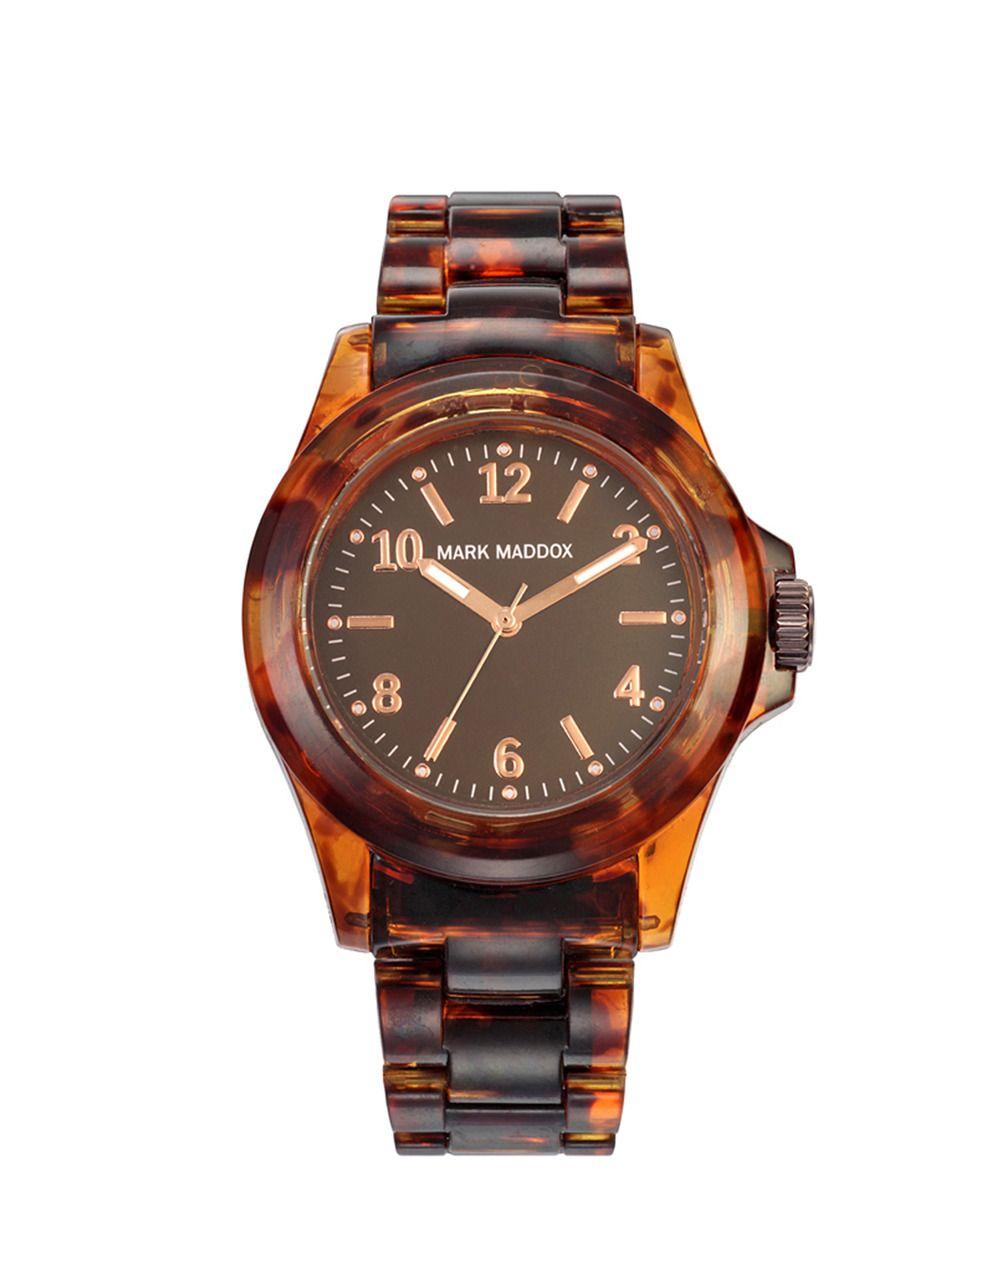 1de21949ffe6 Reloj de mujer Mark Maddox - Mujer - Relojes - El Corte Inglés - Moda